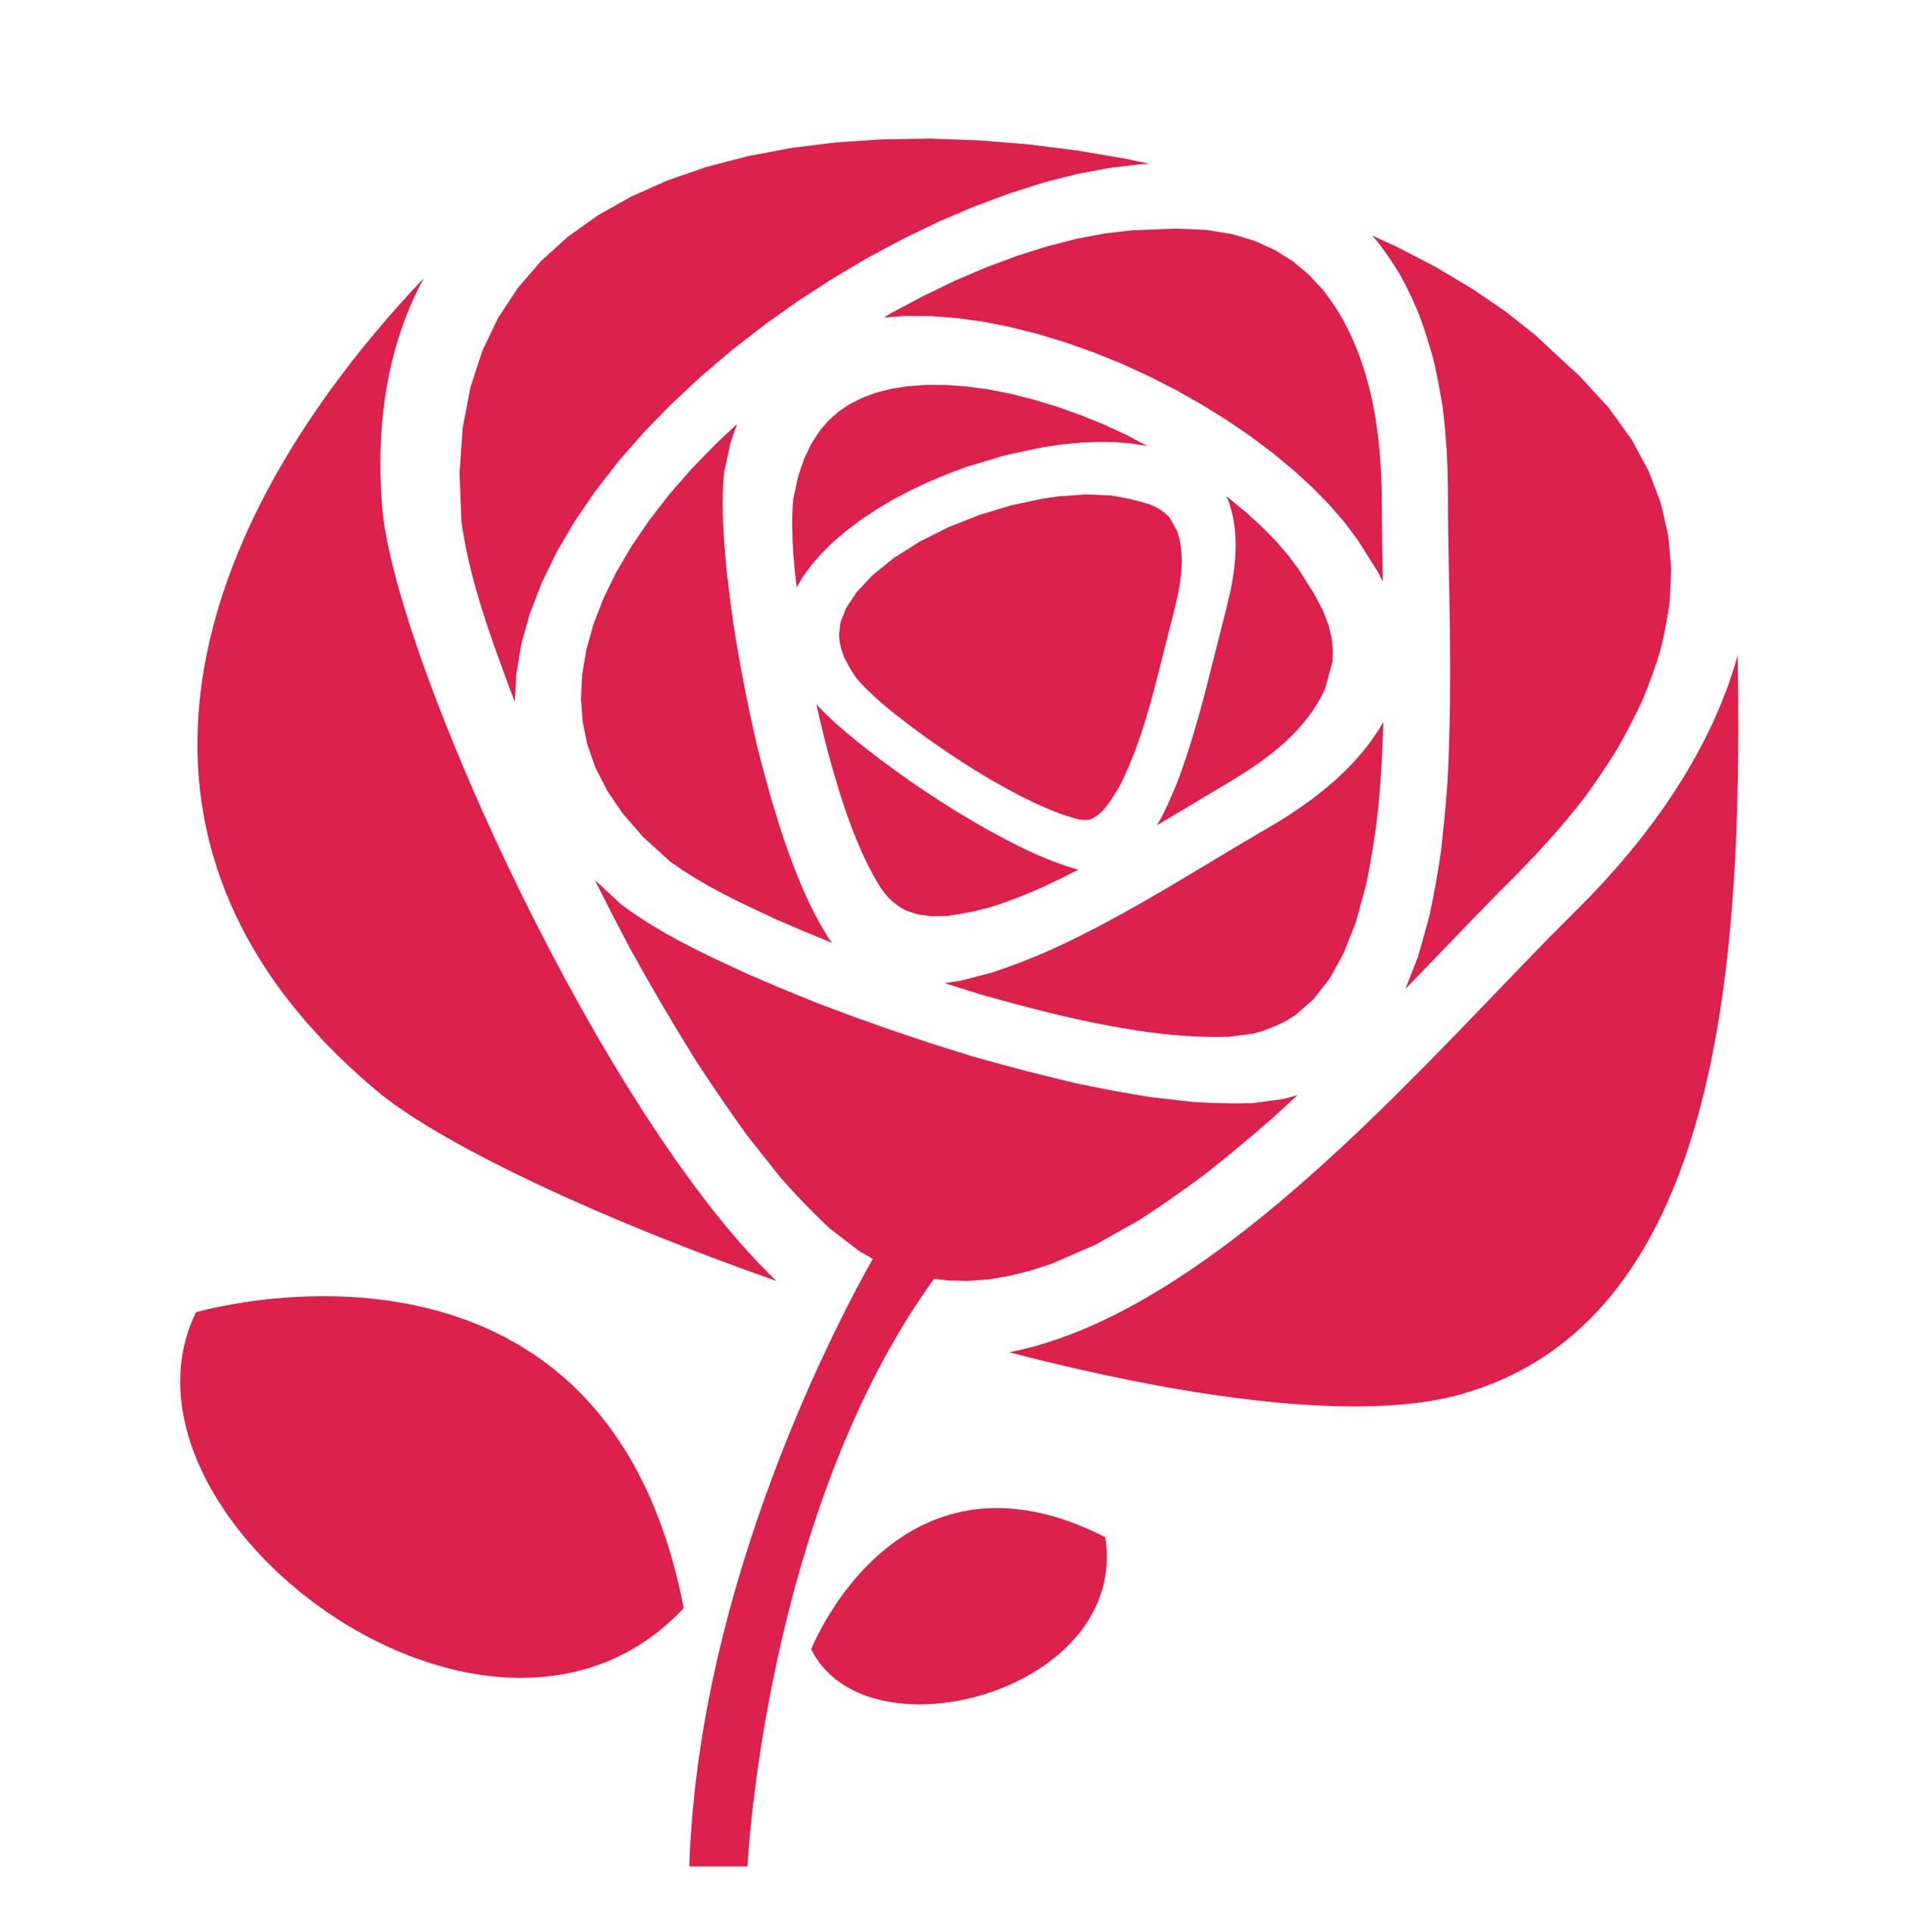 logo logo 标志 设计 矢量 矢量图 素材 图标 2550_2550